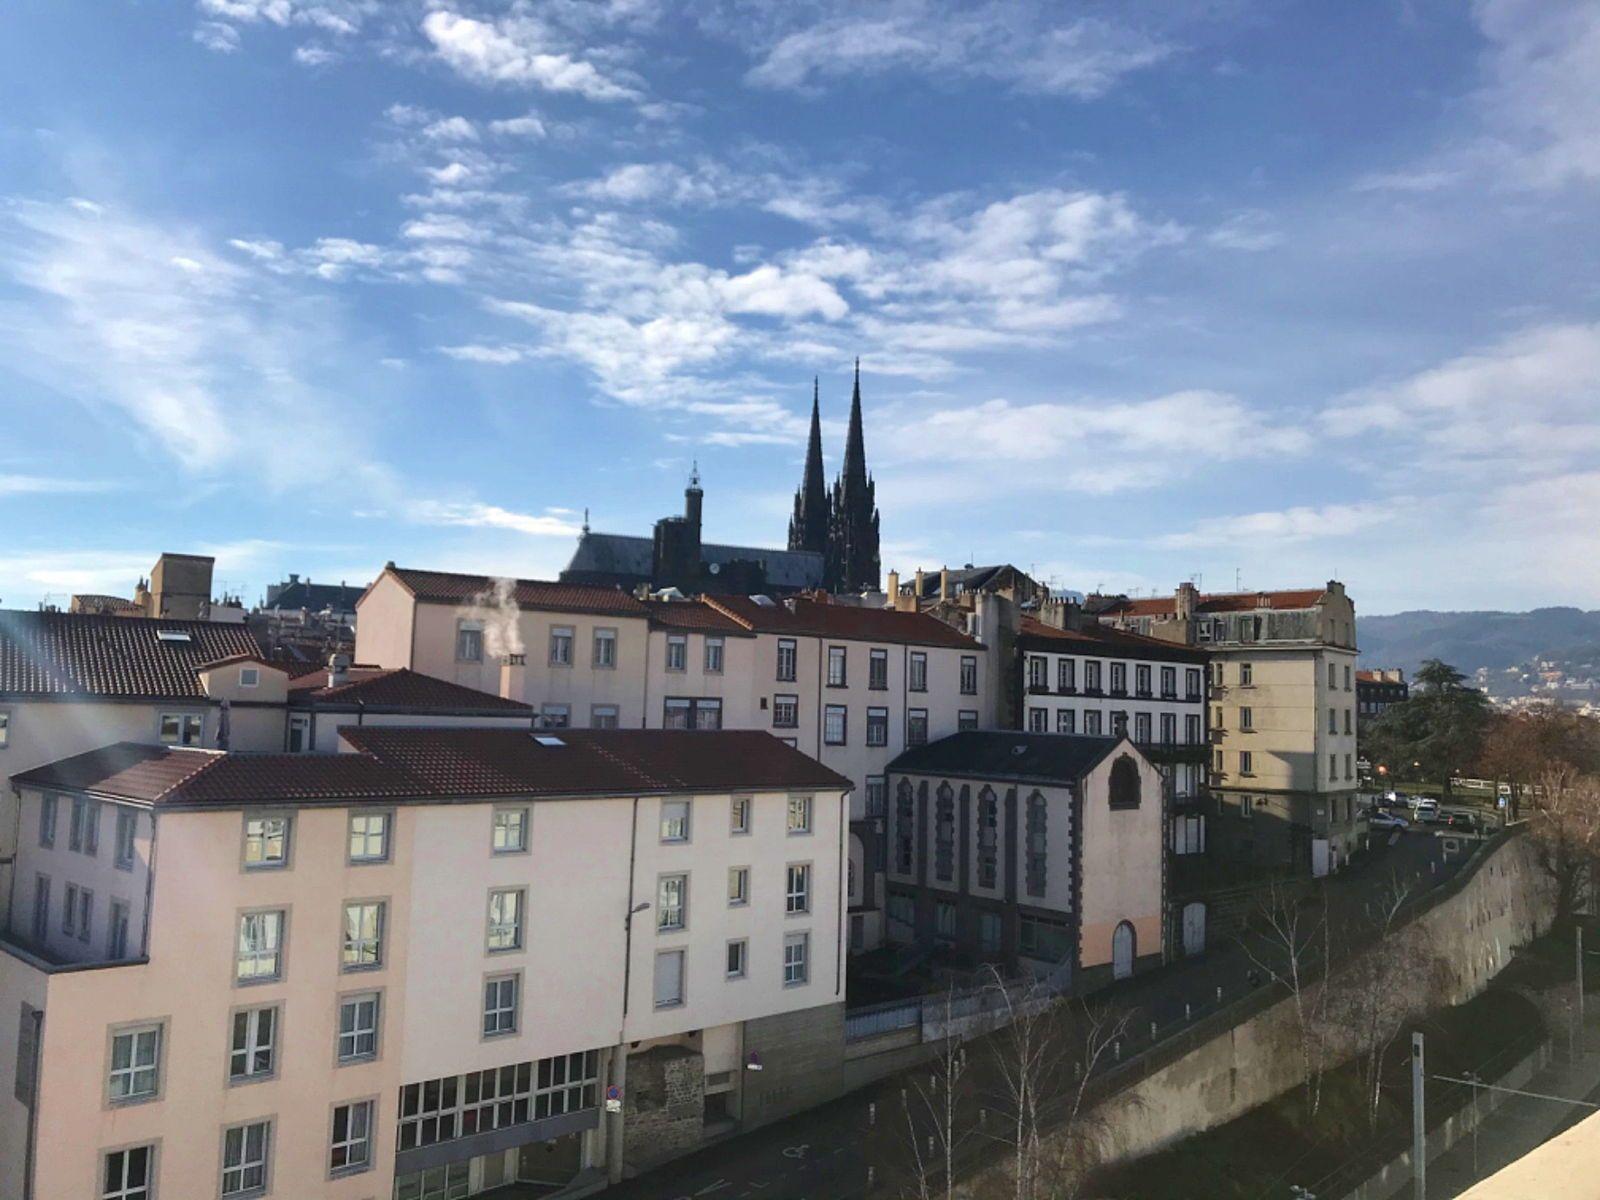 Vends appartement 125m² dernier étage hypercentre - 4chambres - Clermont-Ferrand (63)